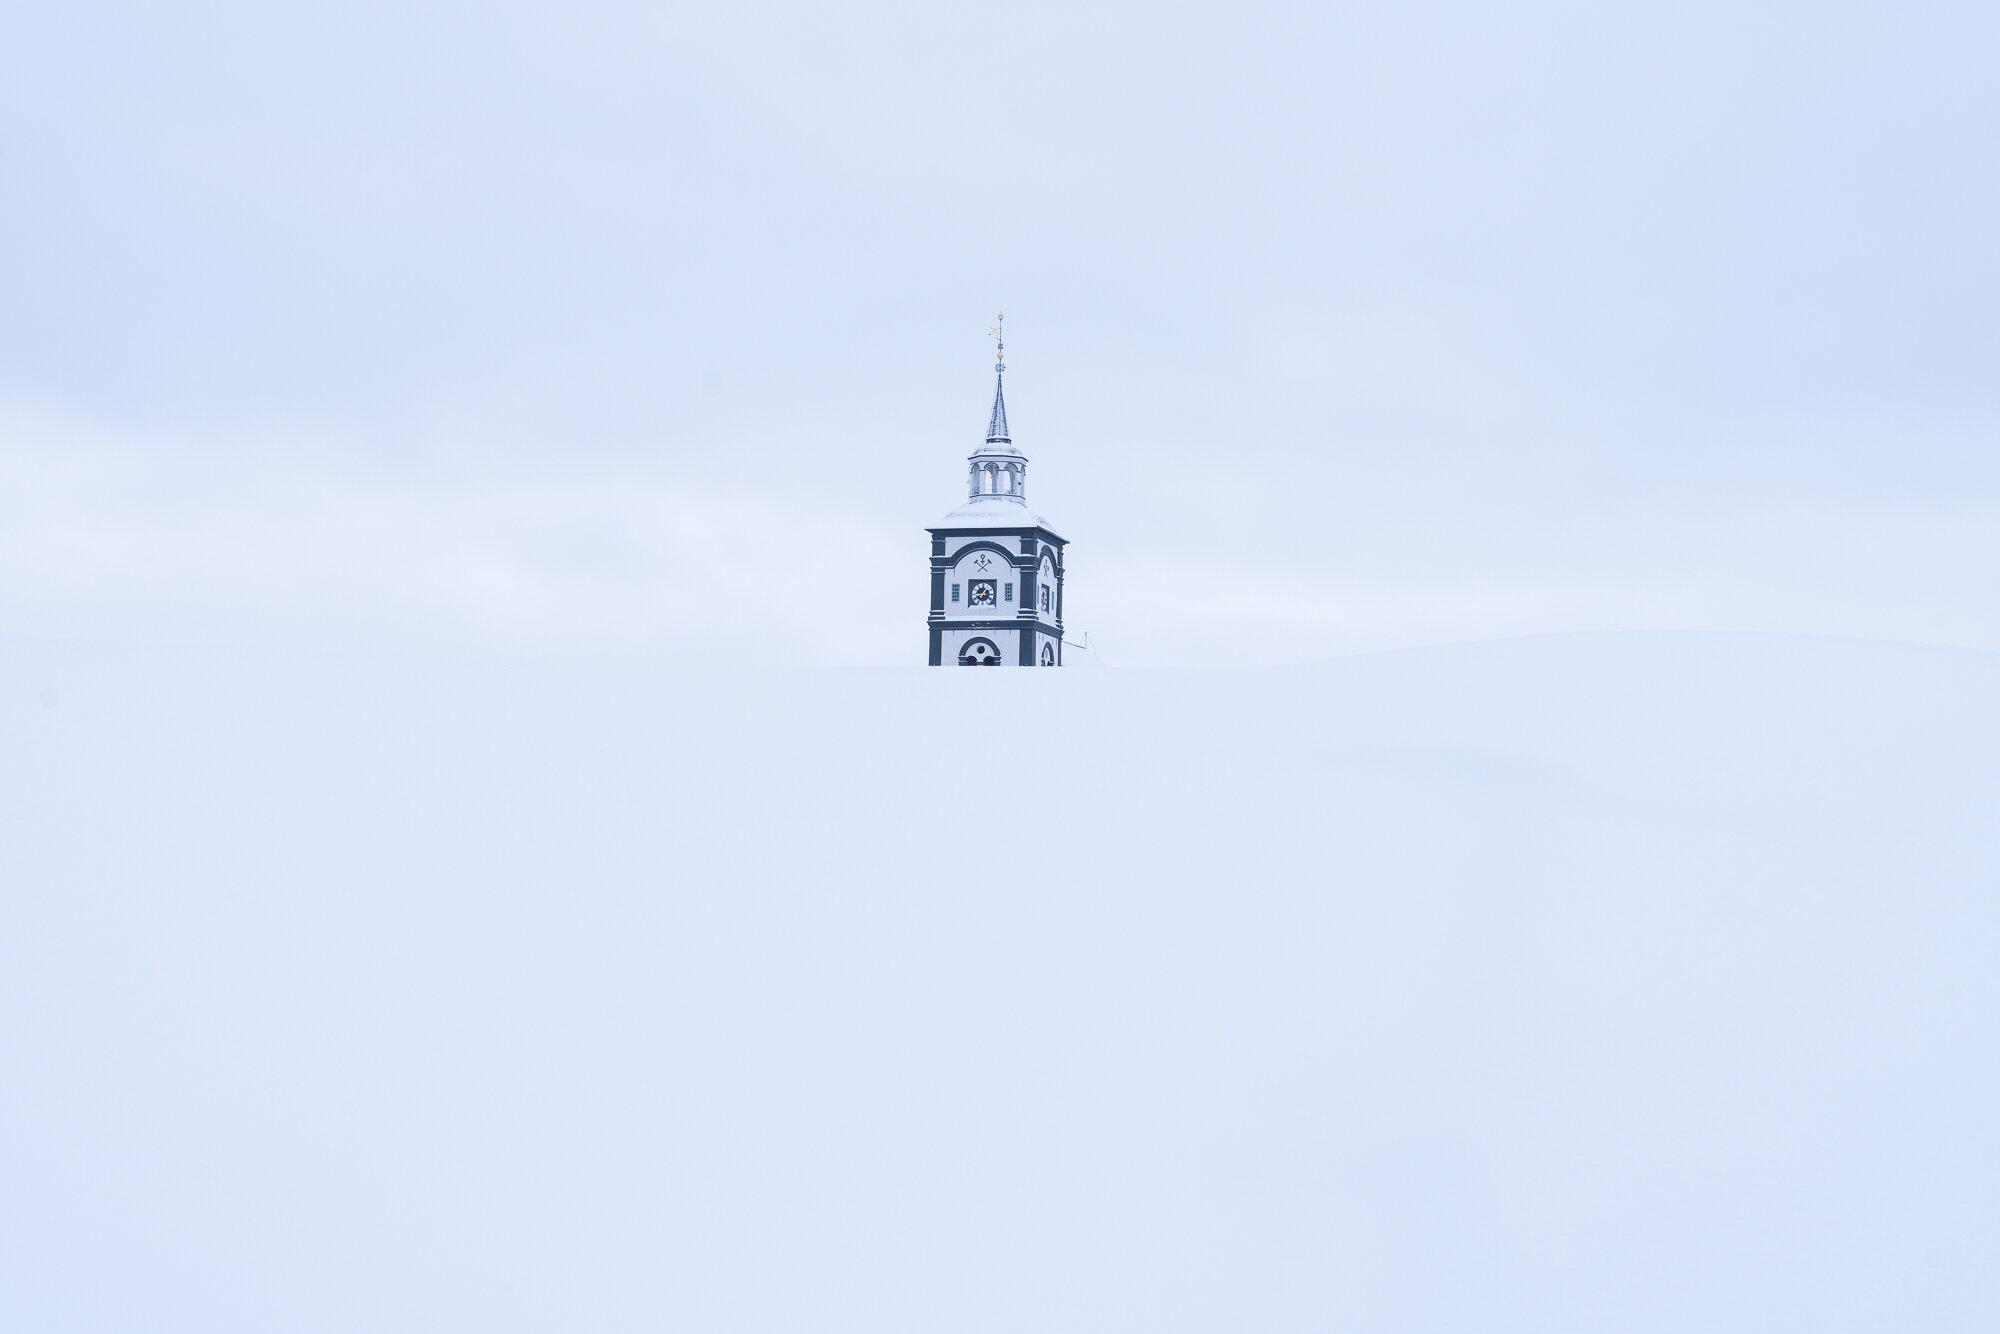 Vinter på Røros. ©Bjørn Joachimsen.